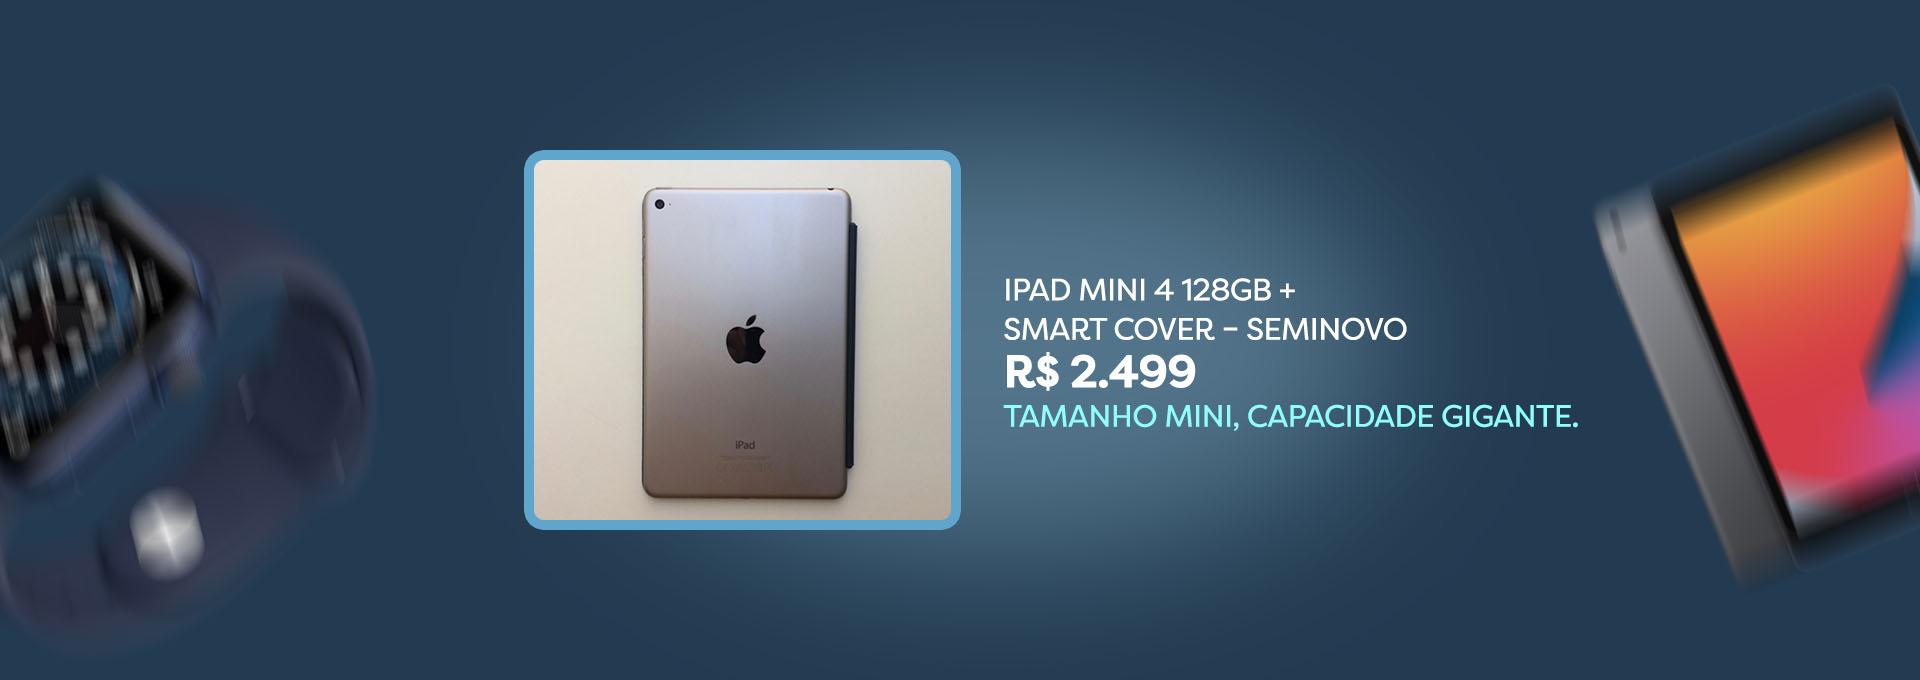 iPad Mini - Seminovos Go Imports